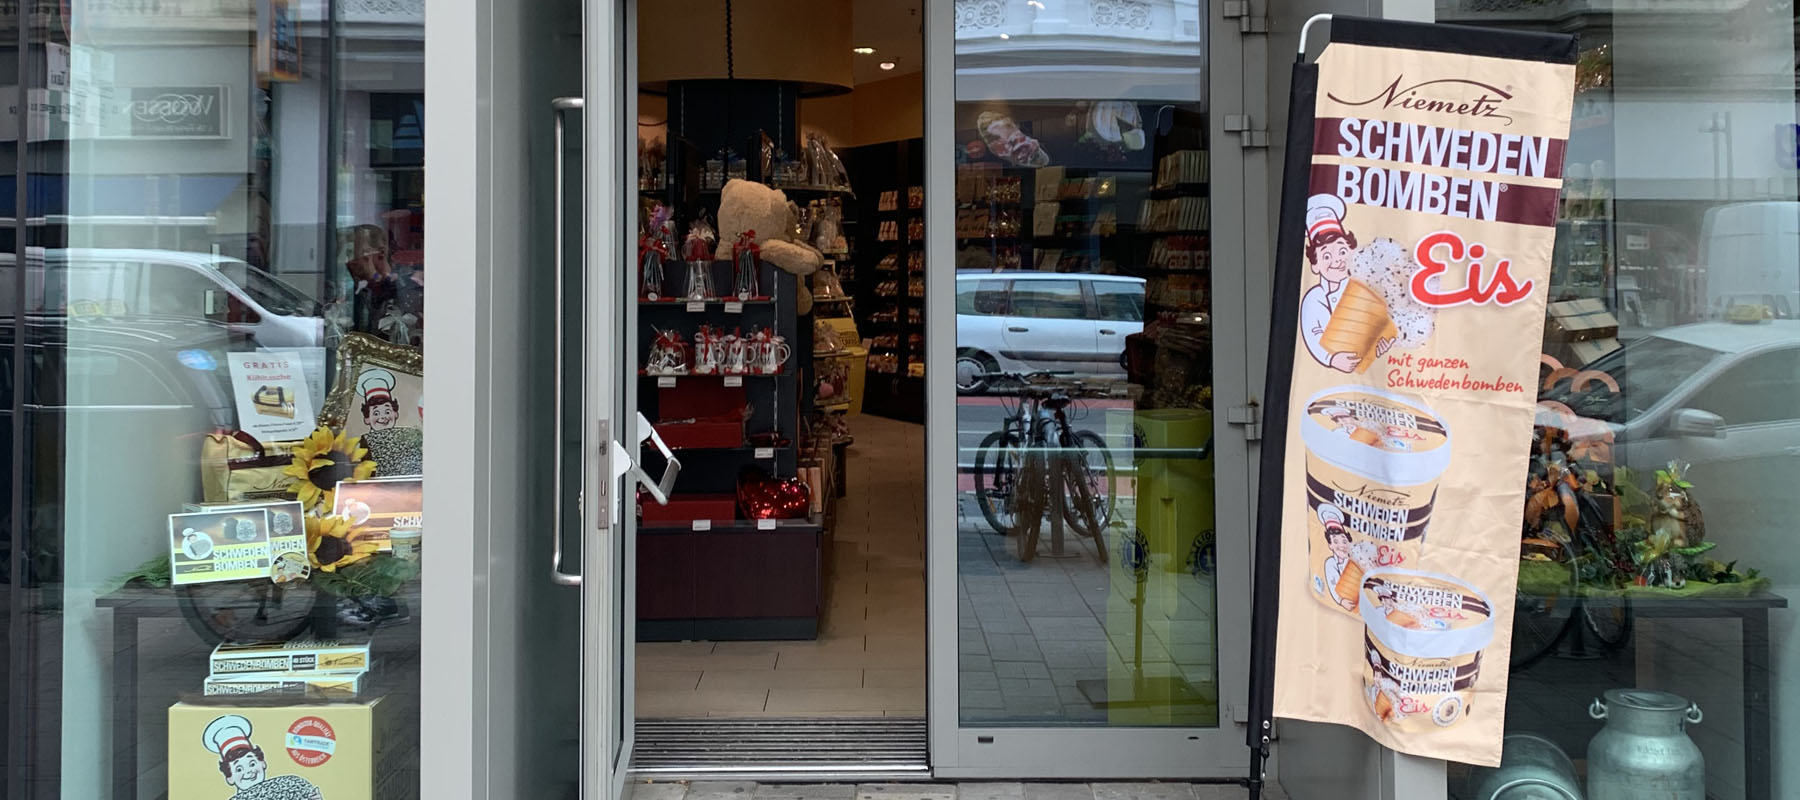 Niemetz Shop EKG Galleria